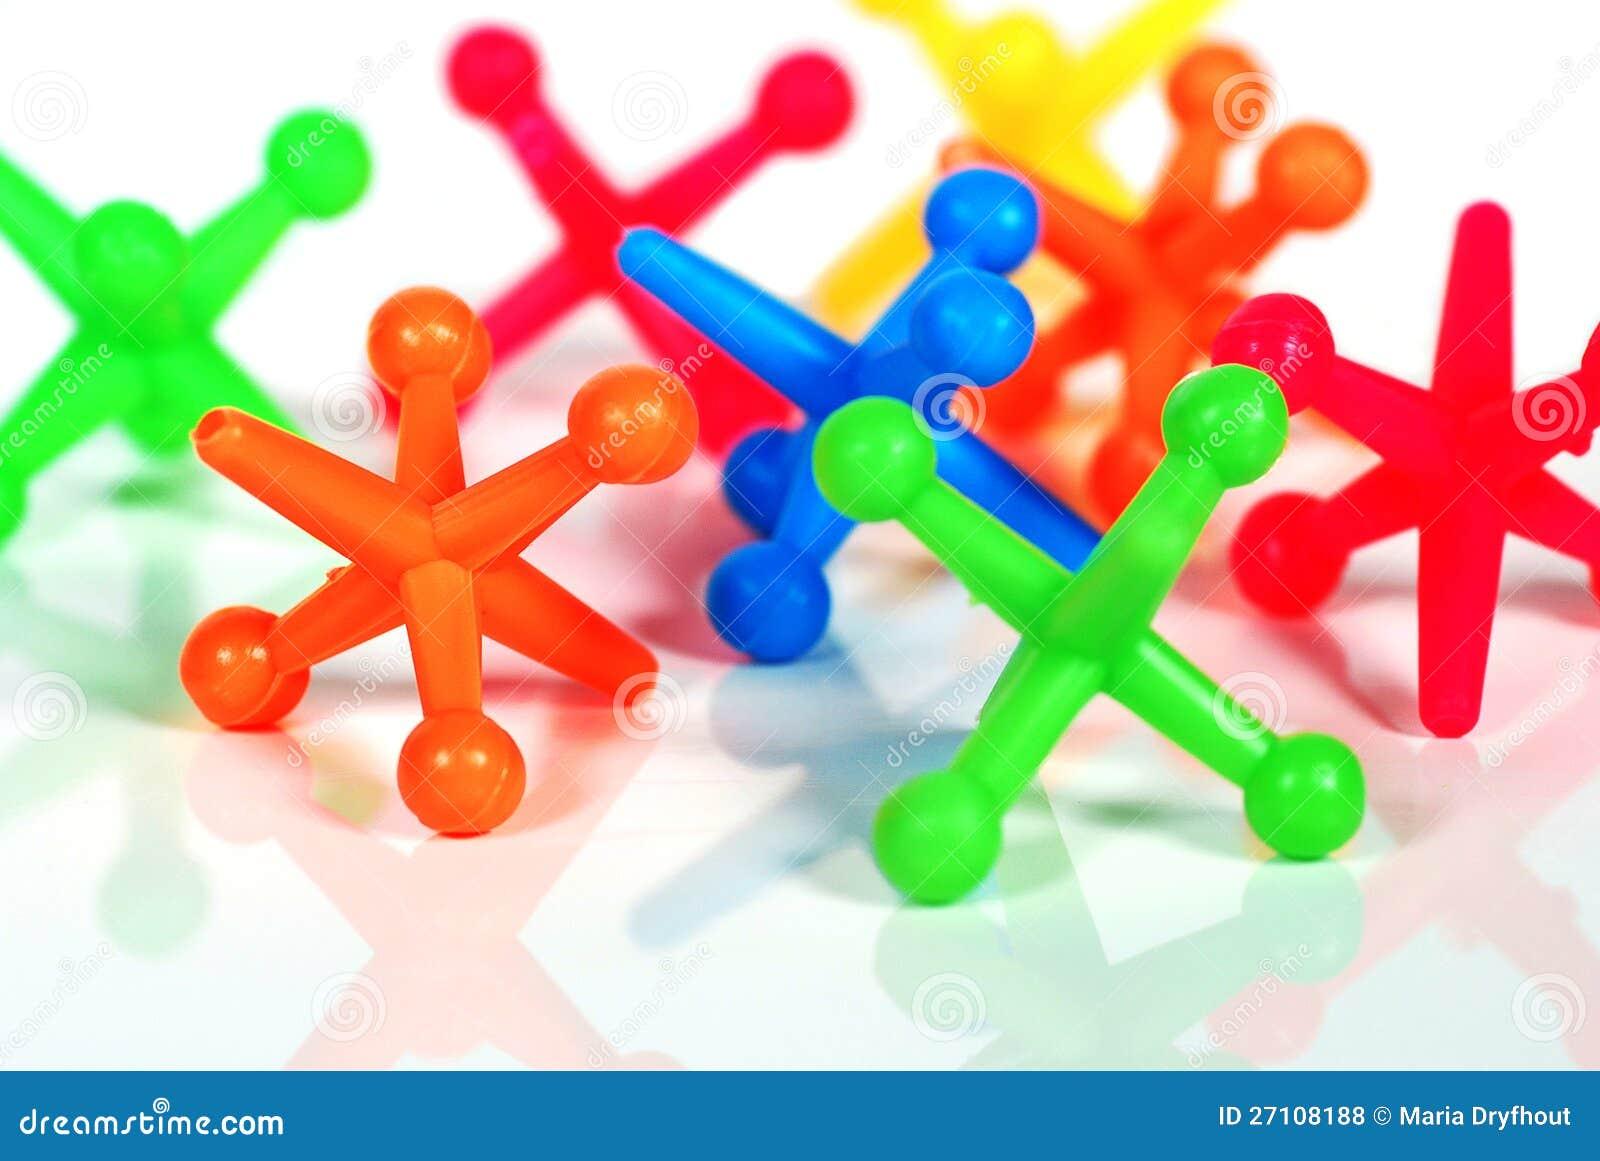 Colorful Toy Jacks stock photo. Image of blue, reflect ...